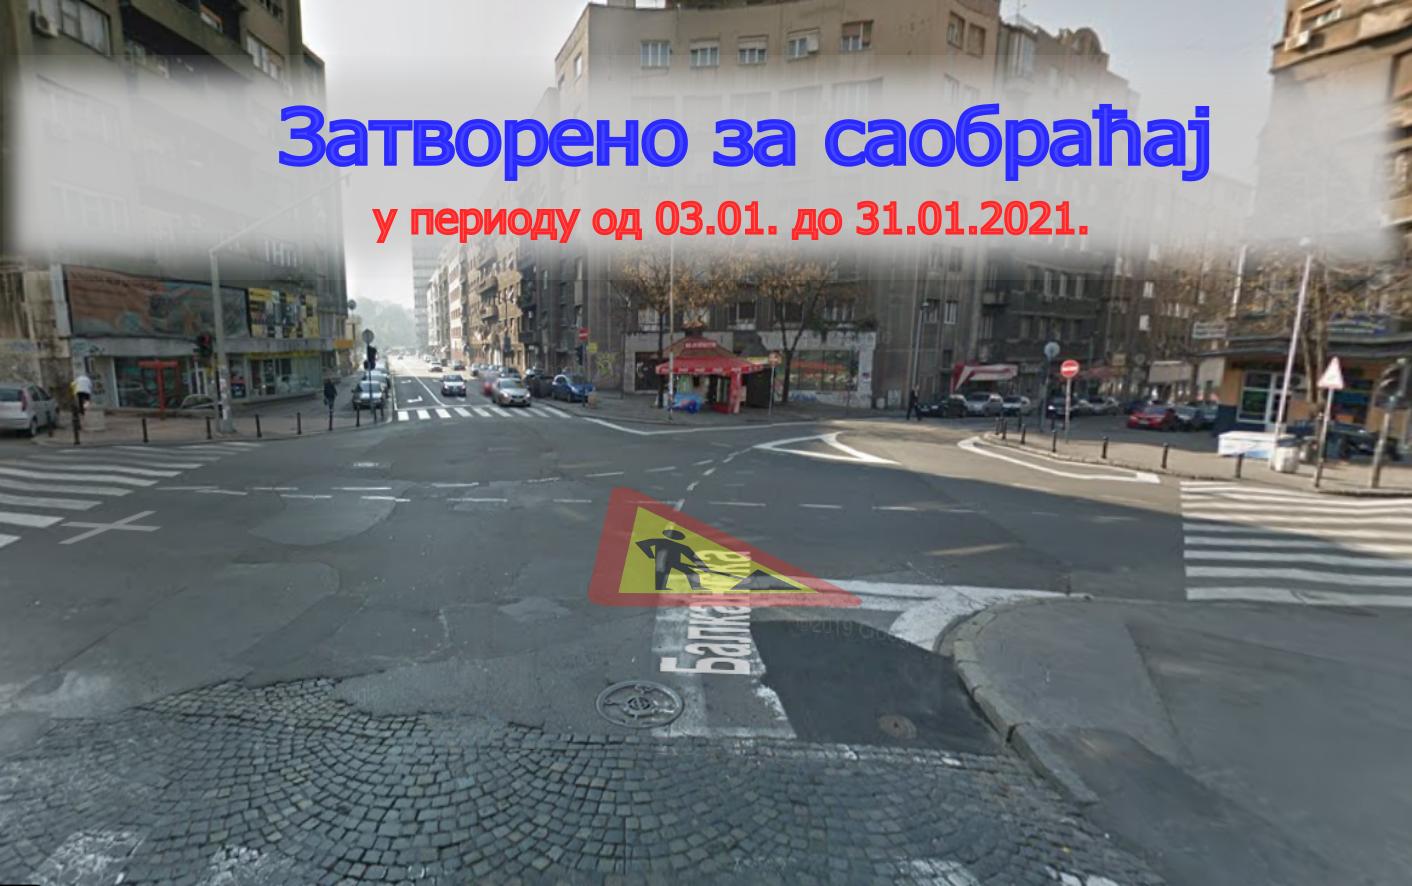 Затворена за саобраћај раскрсница улица Милована Миловановића, Балканске, Гаврила Принципа и Адмирала Гепрaта